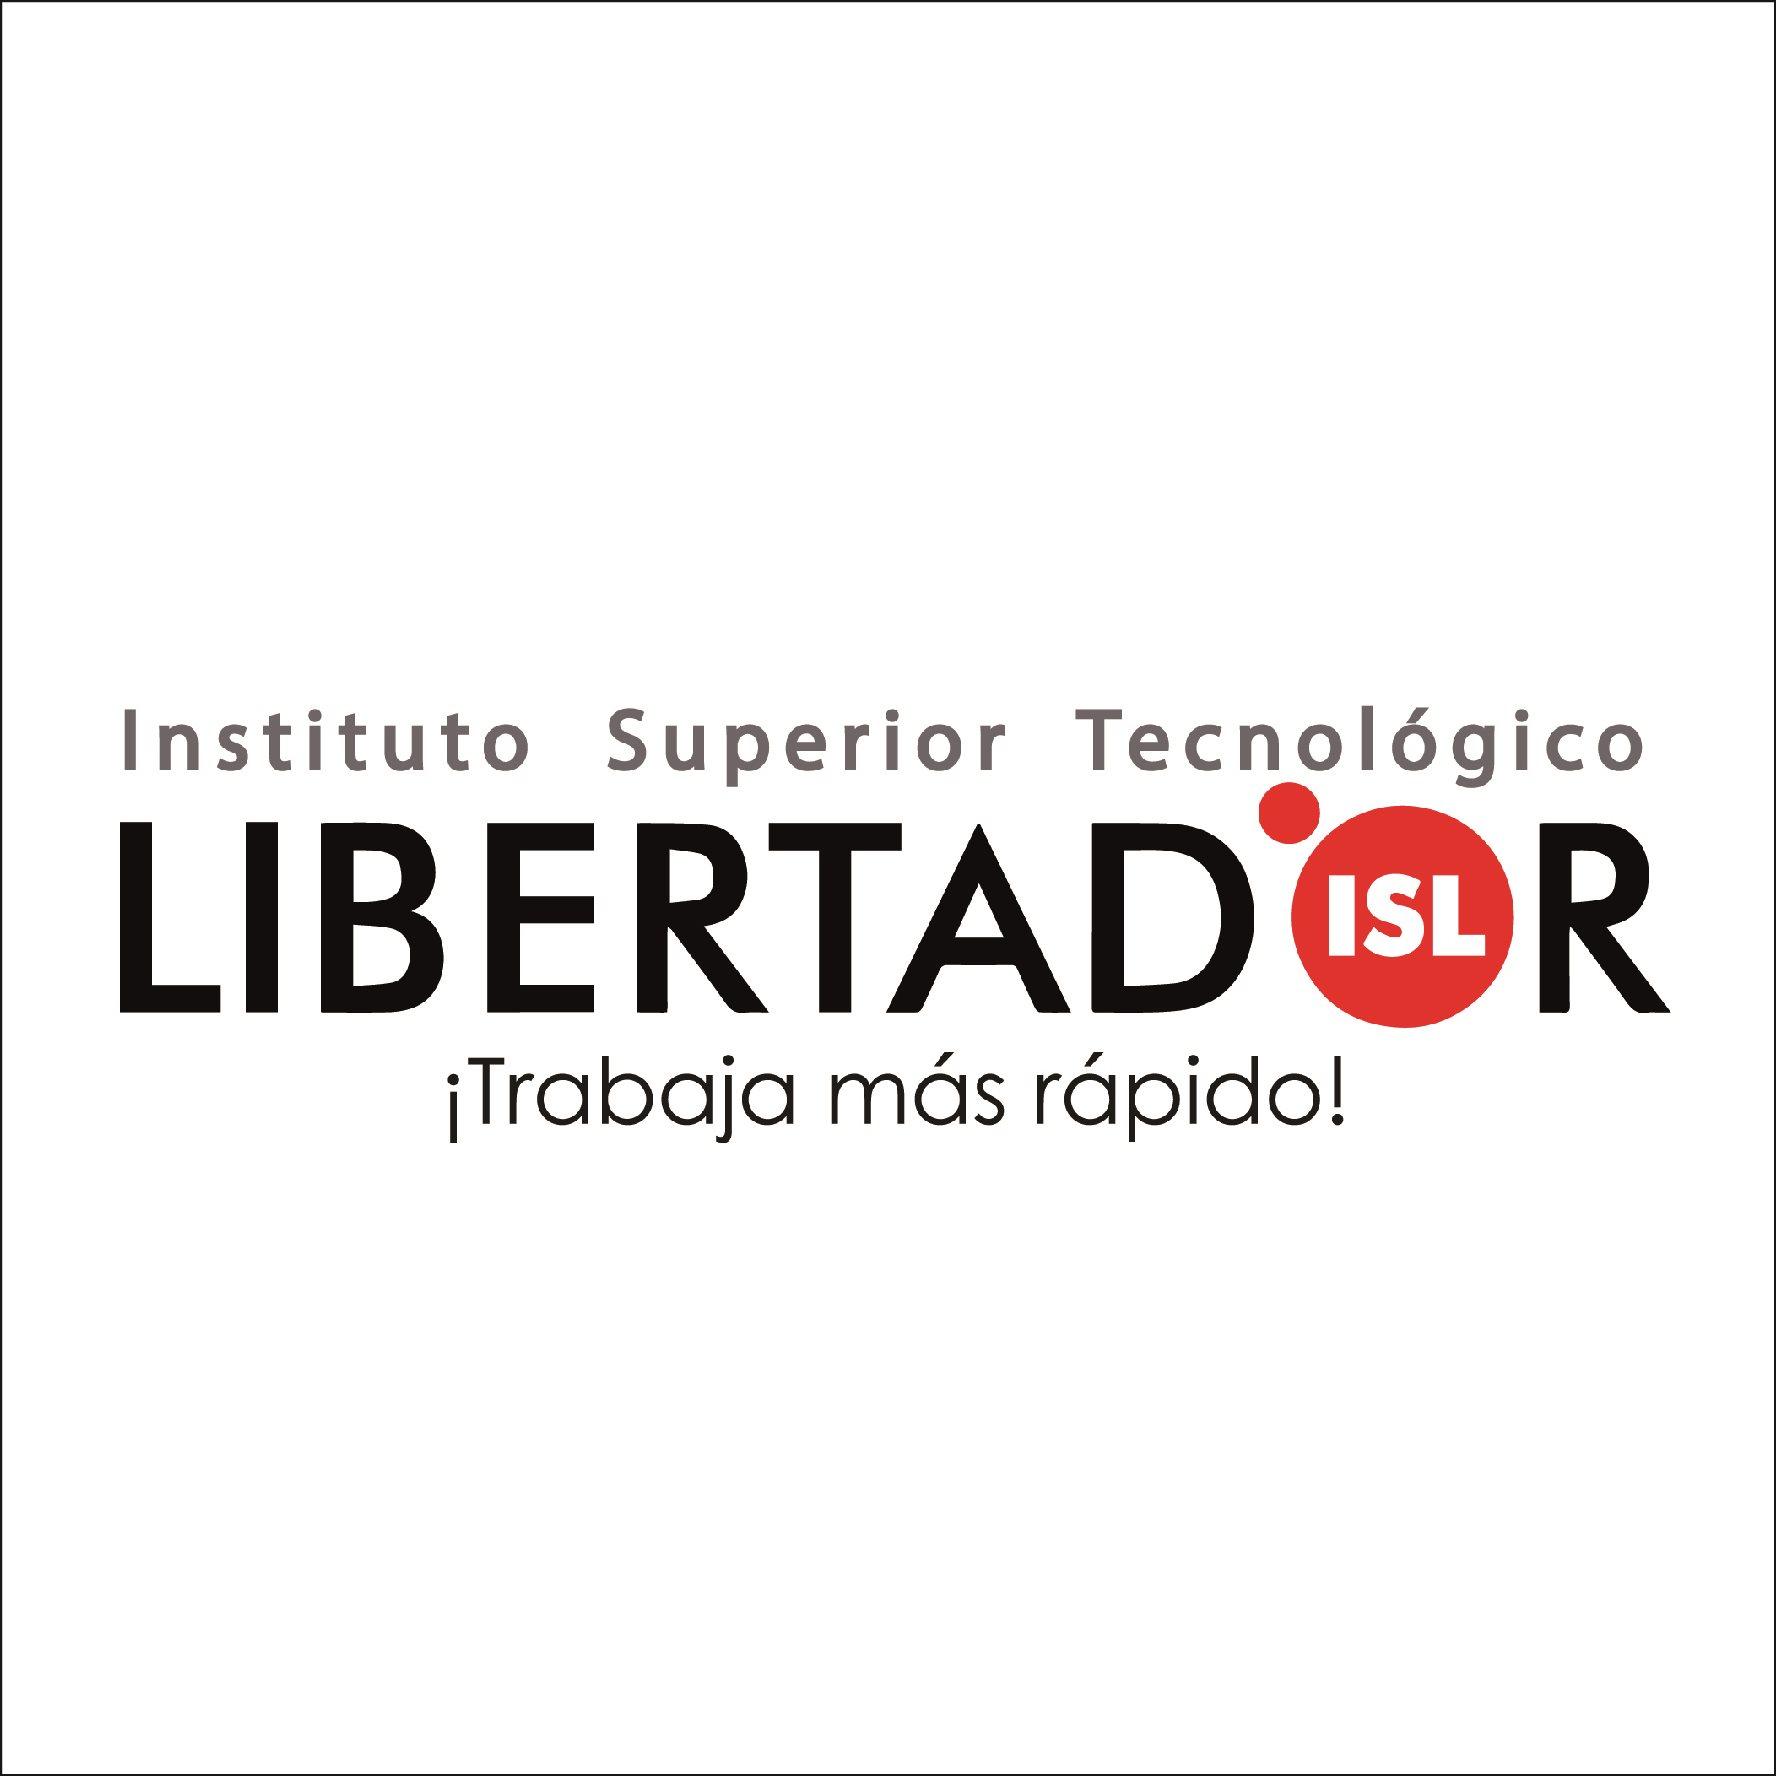 Instituto Libertador